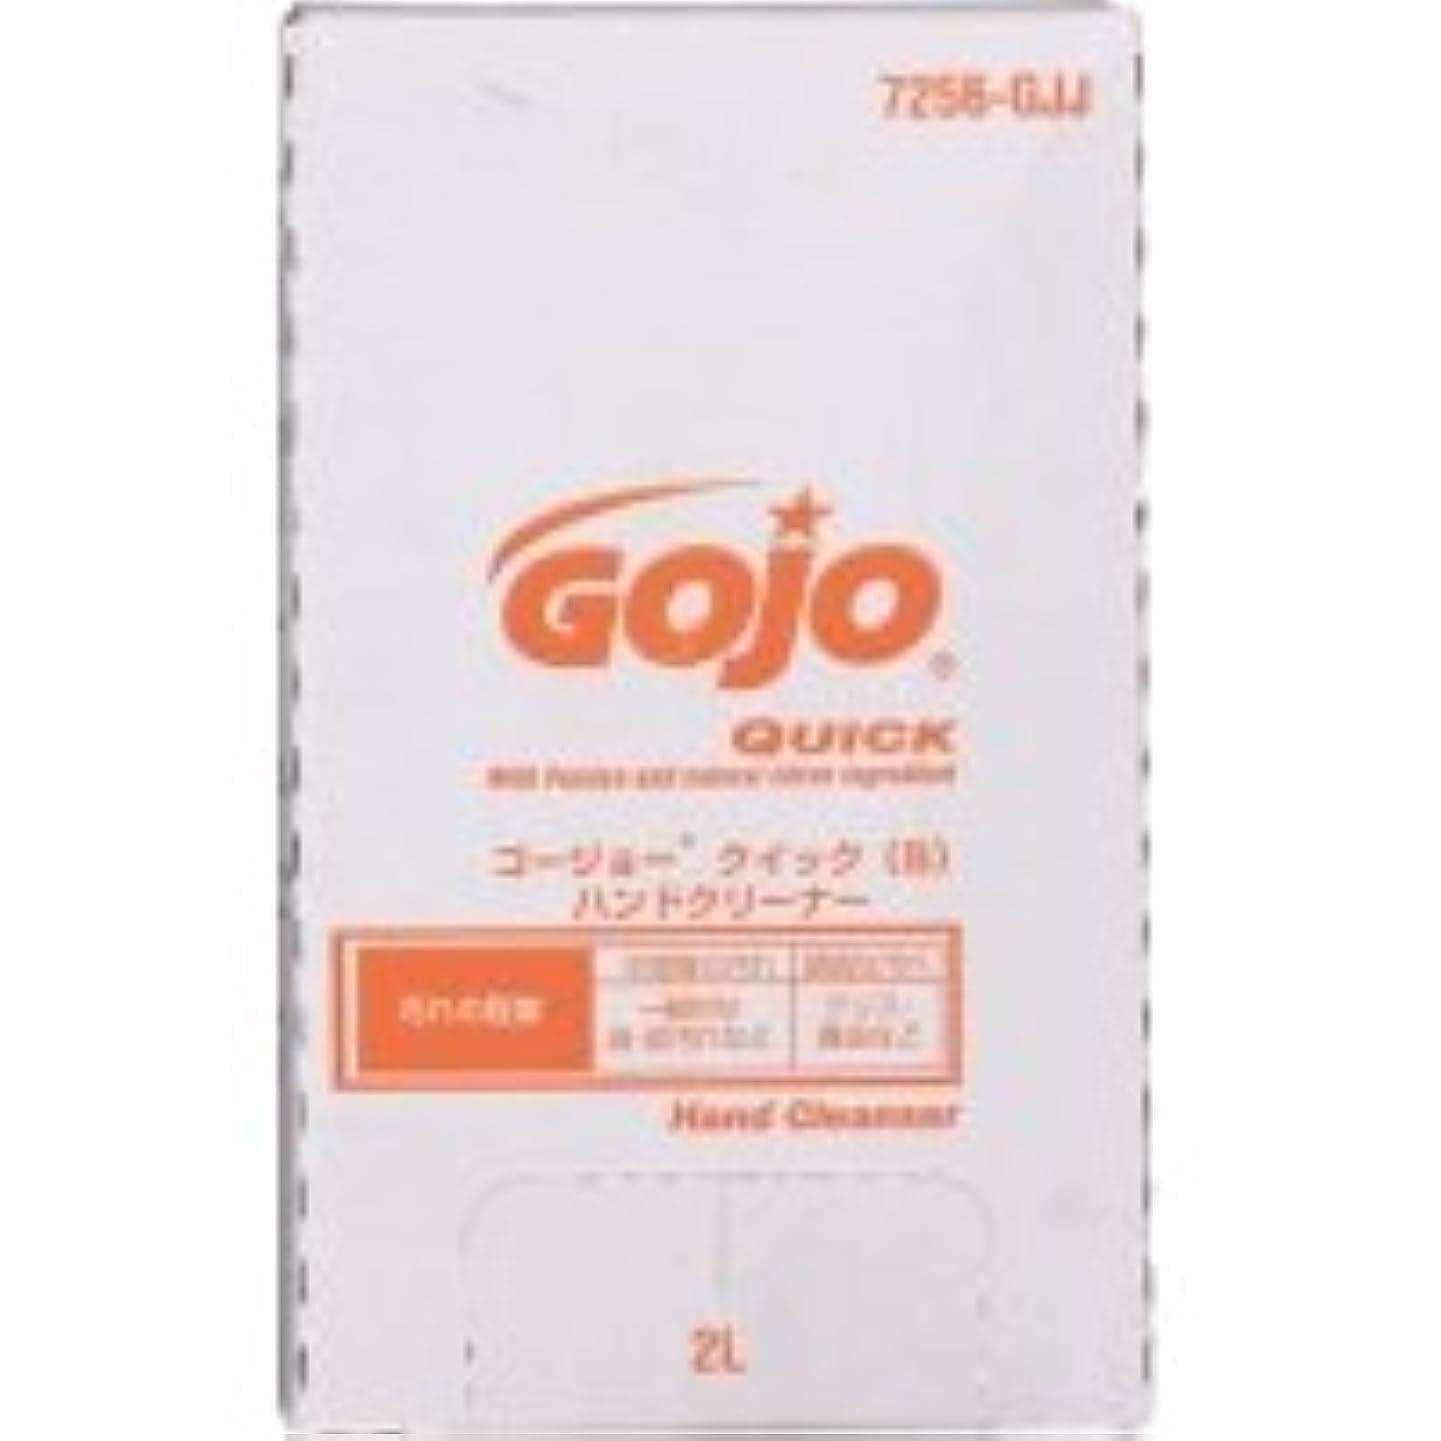 ホテル血民兵GOJO クイック(S)ハンドクリーナー ディスペンサー用 2000ml 1個